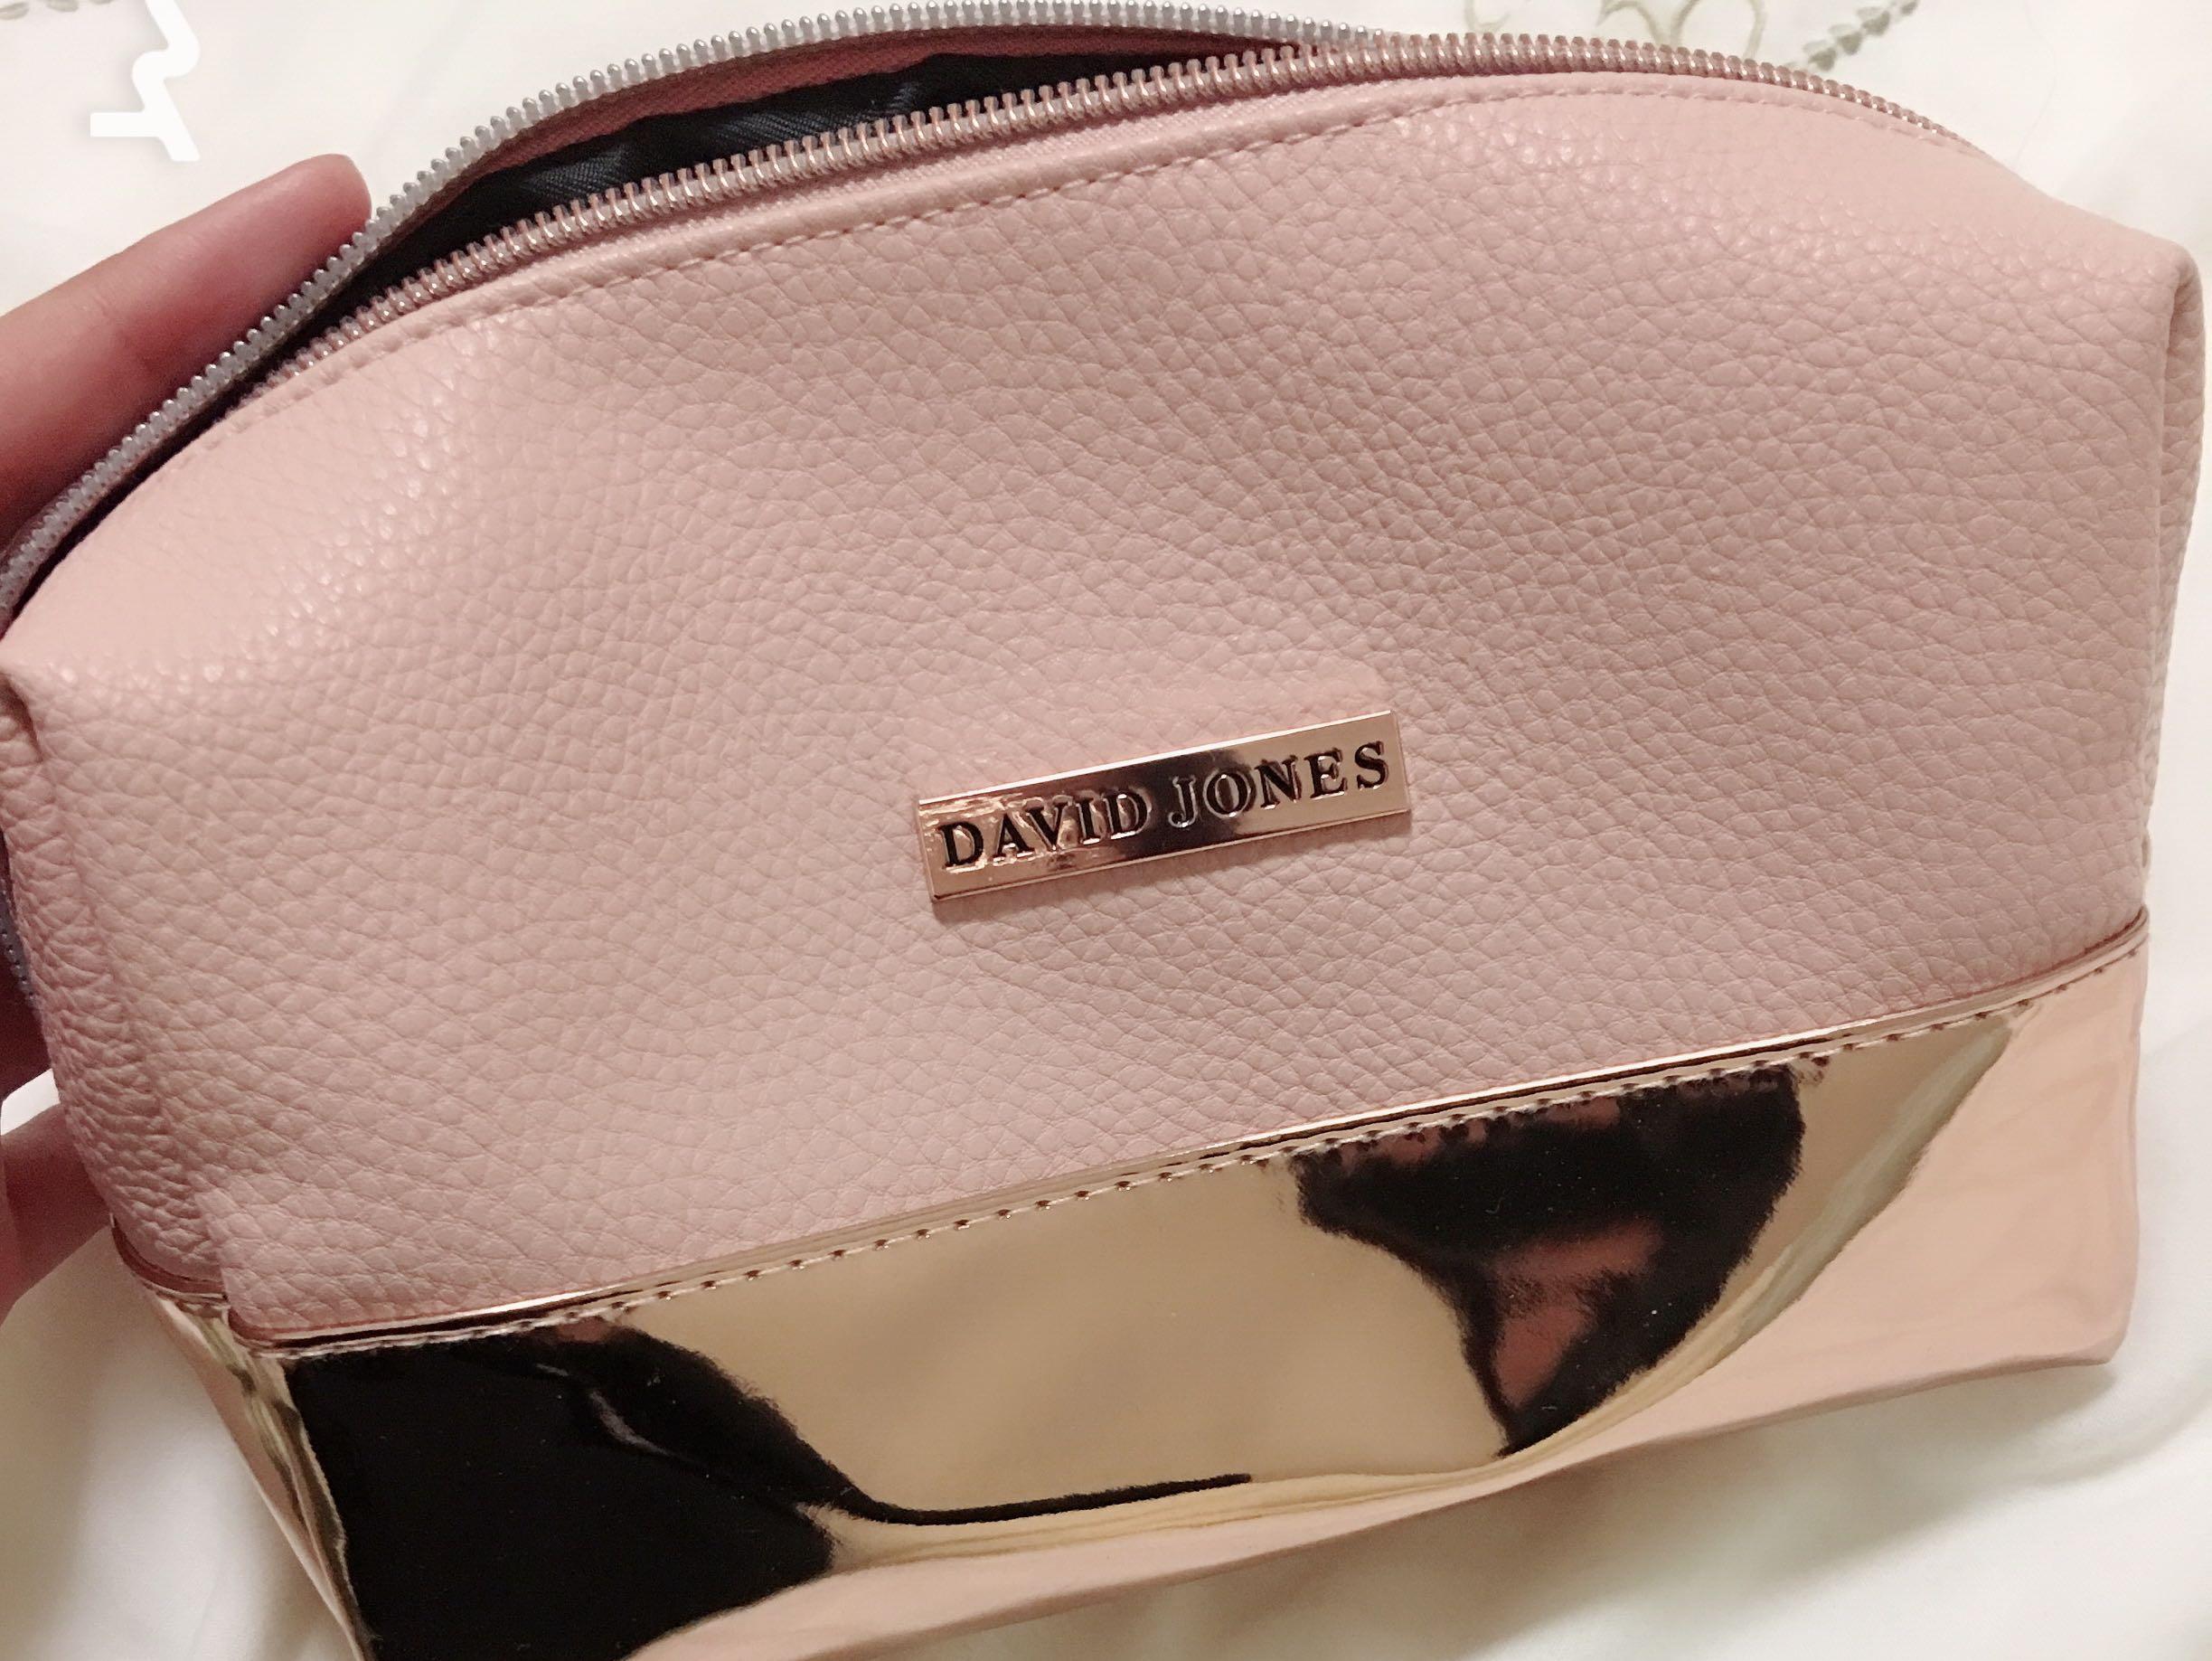 David Jones cosmetic bag